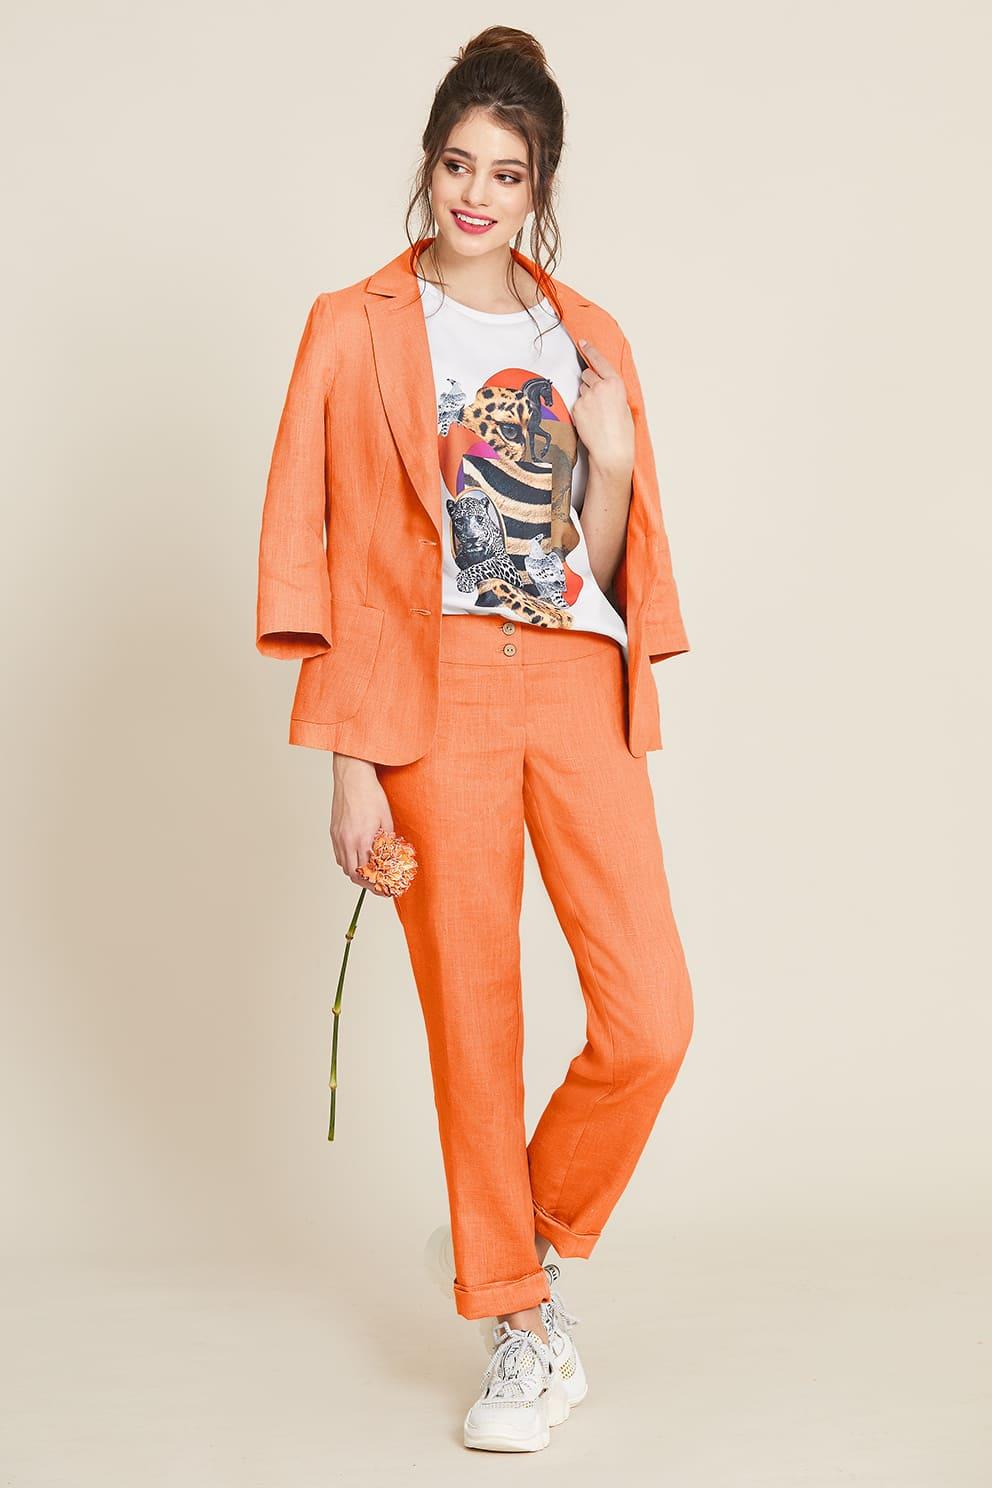 c79b78ad023 Женская одежда от производителя. ArtRibbon - покупай оптом!